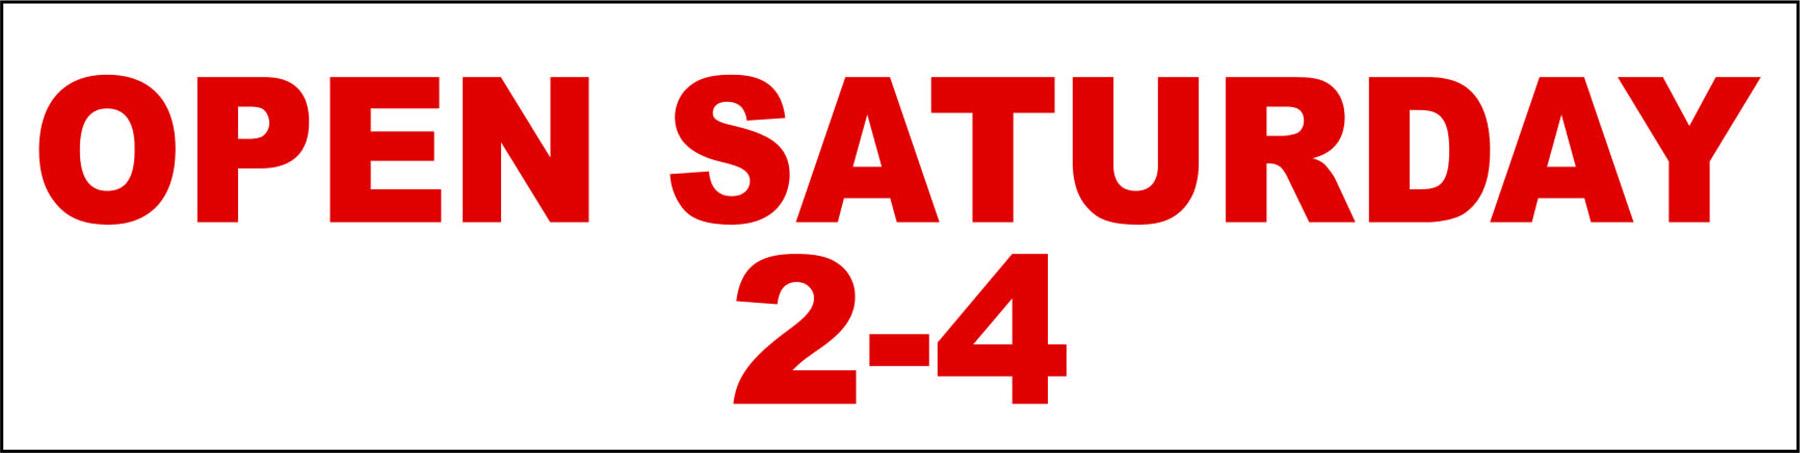 Open Saturday 2-4